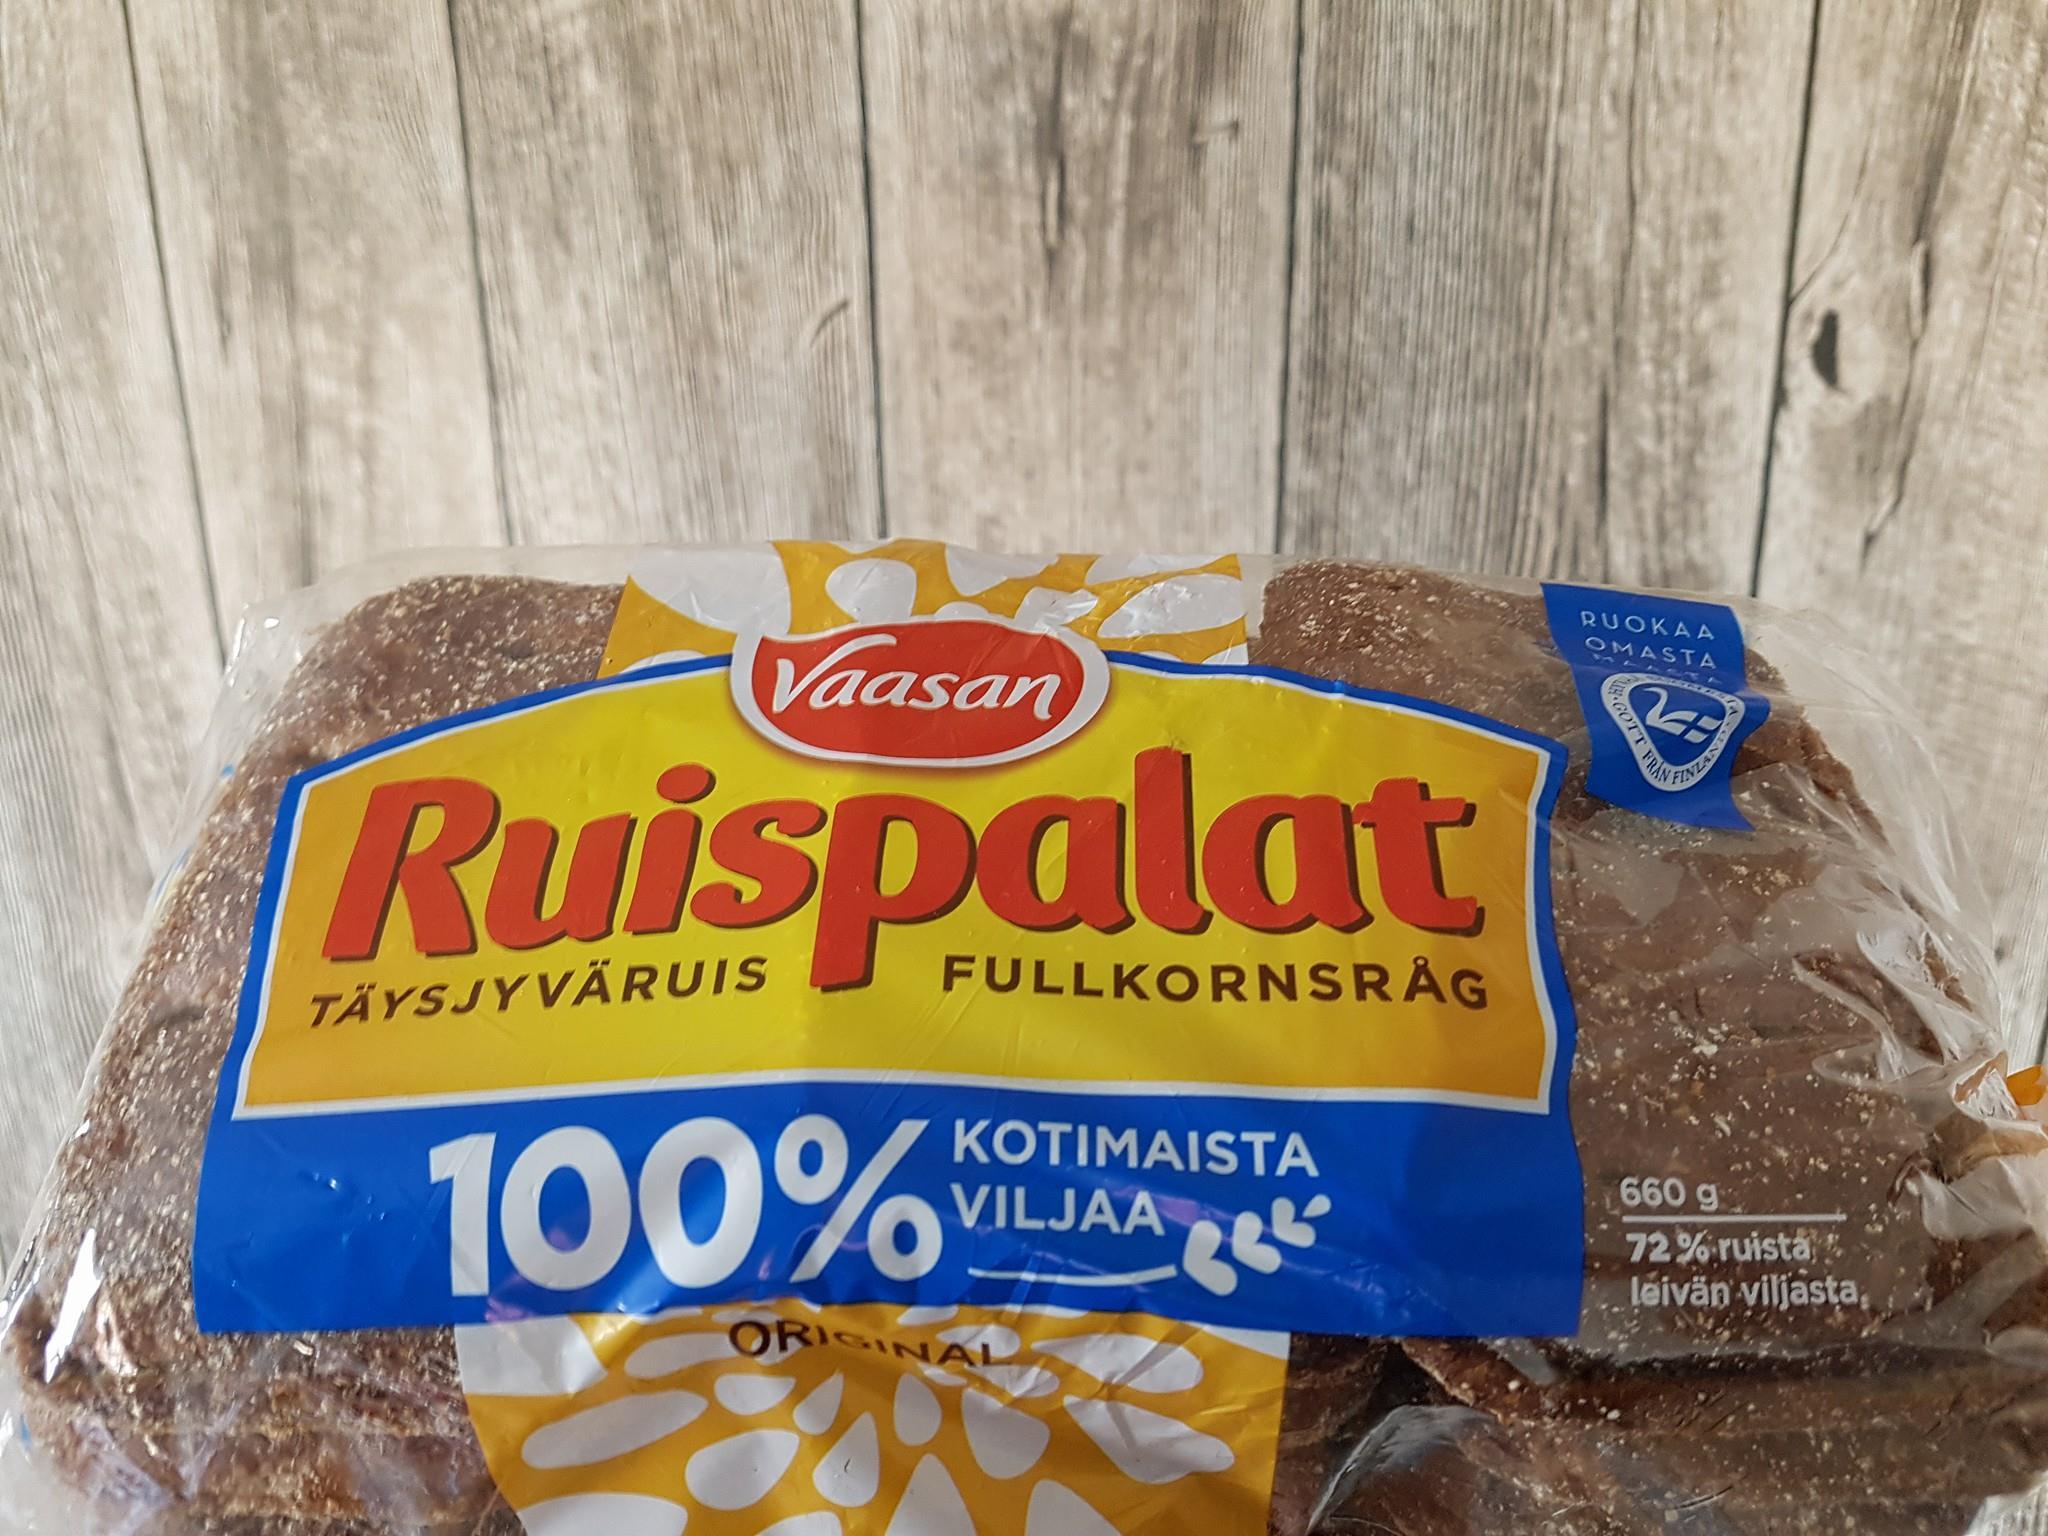 Vaasan Ruispalat - finnisches Roggenbrot